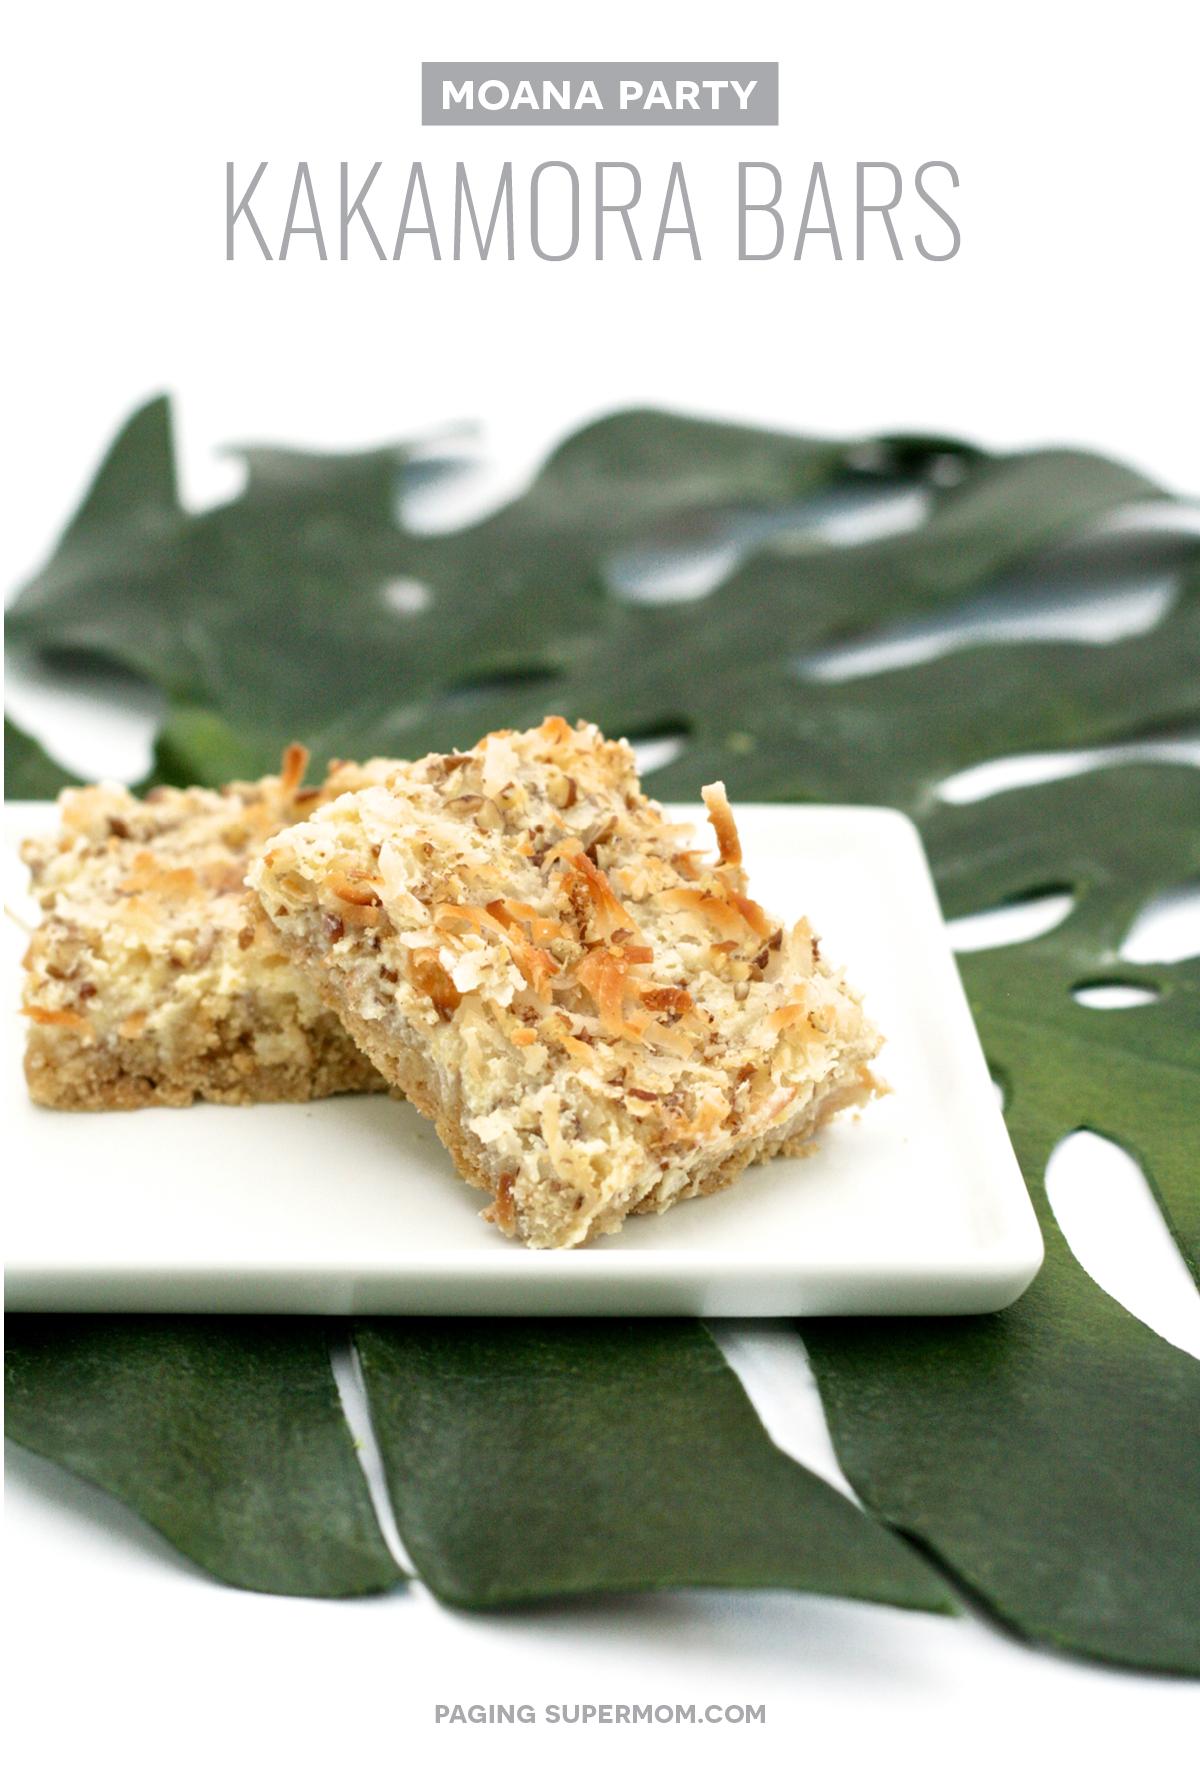 Moana Party Food Ideas: Coconut Kakamora Treat Bars. Recipe via @PagingSupermom